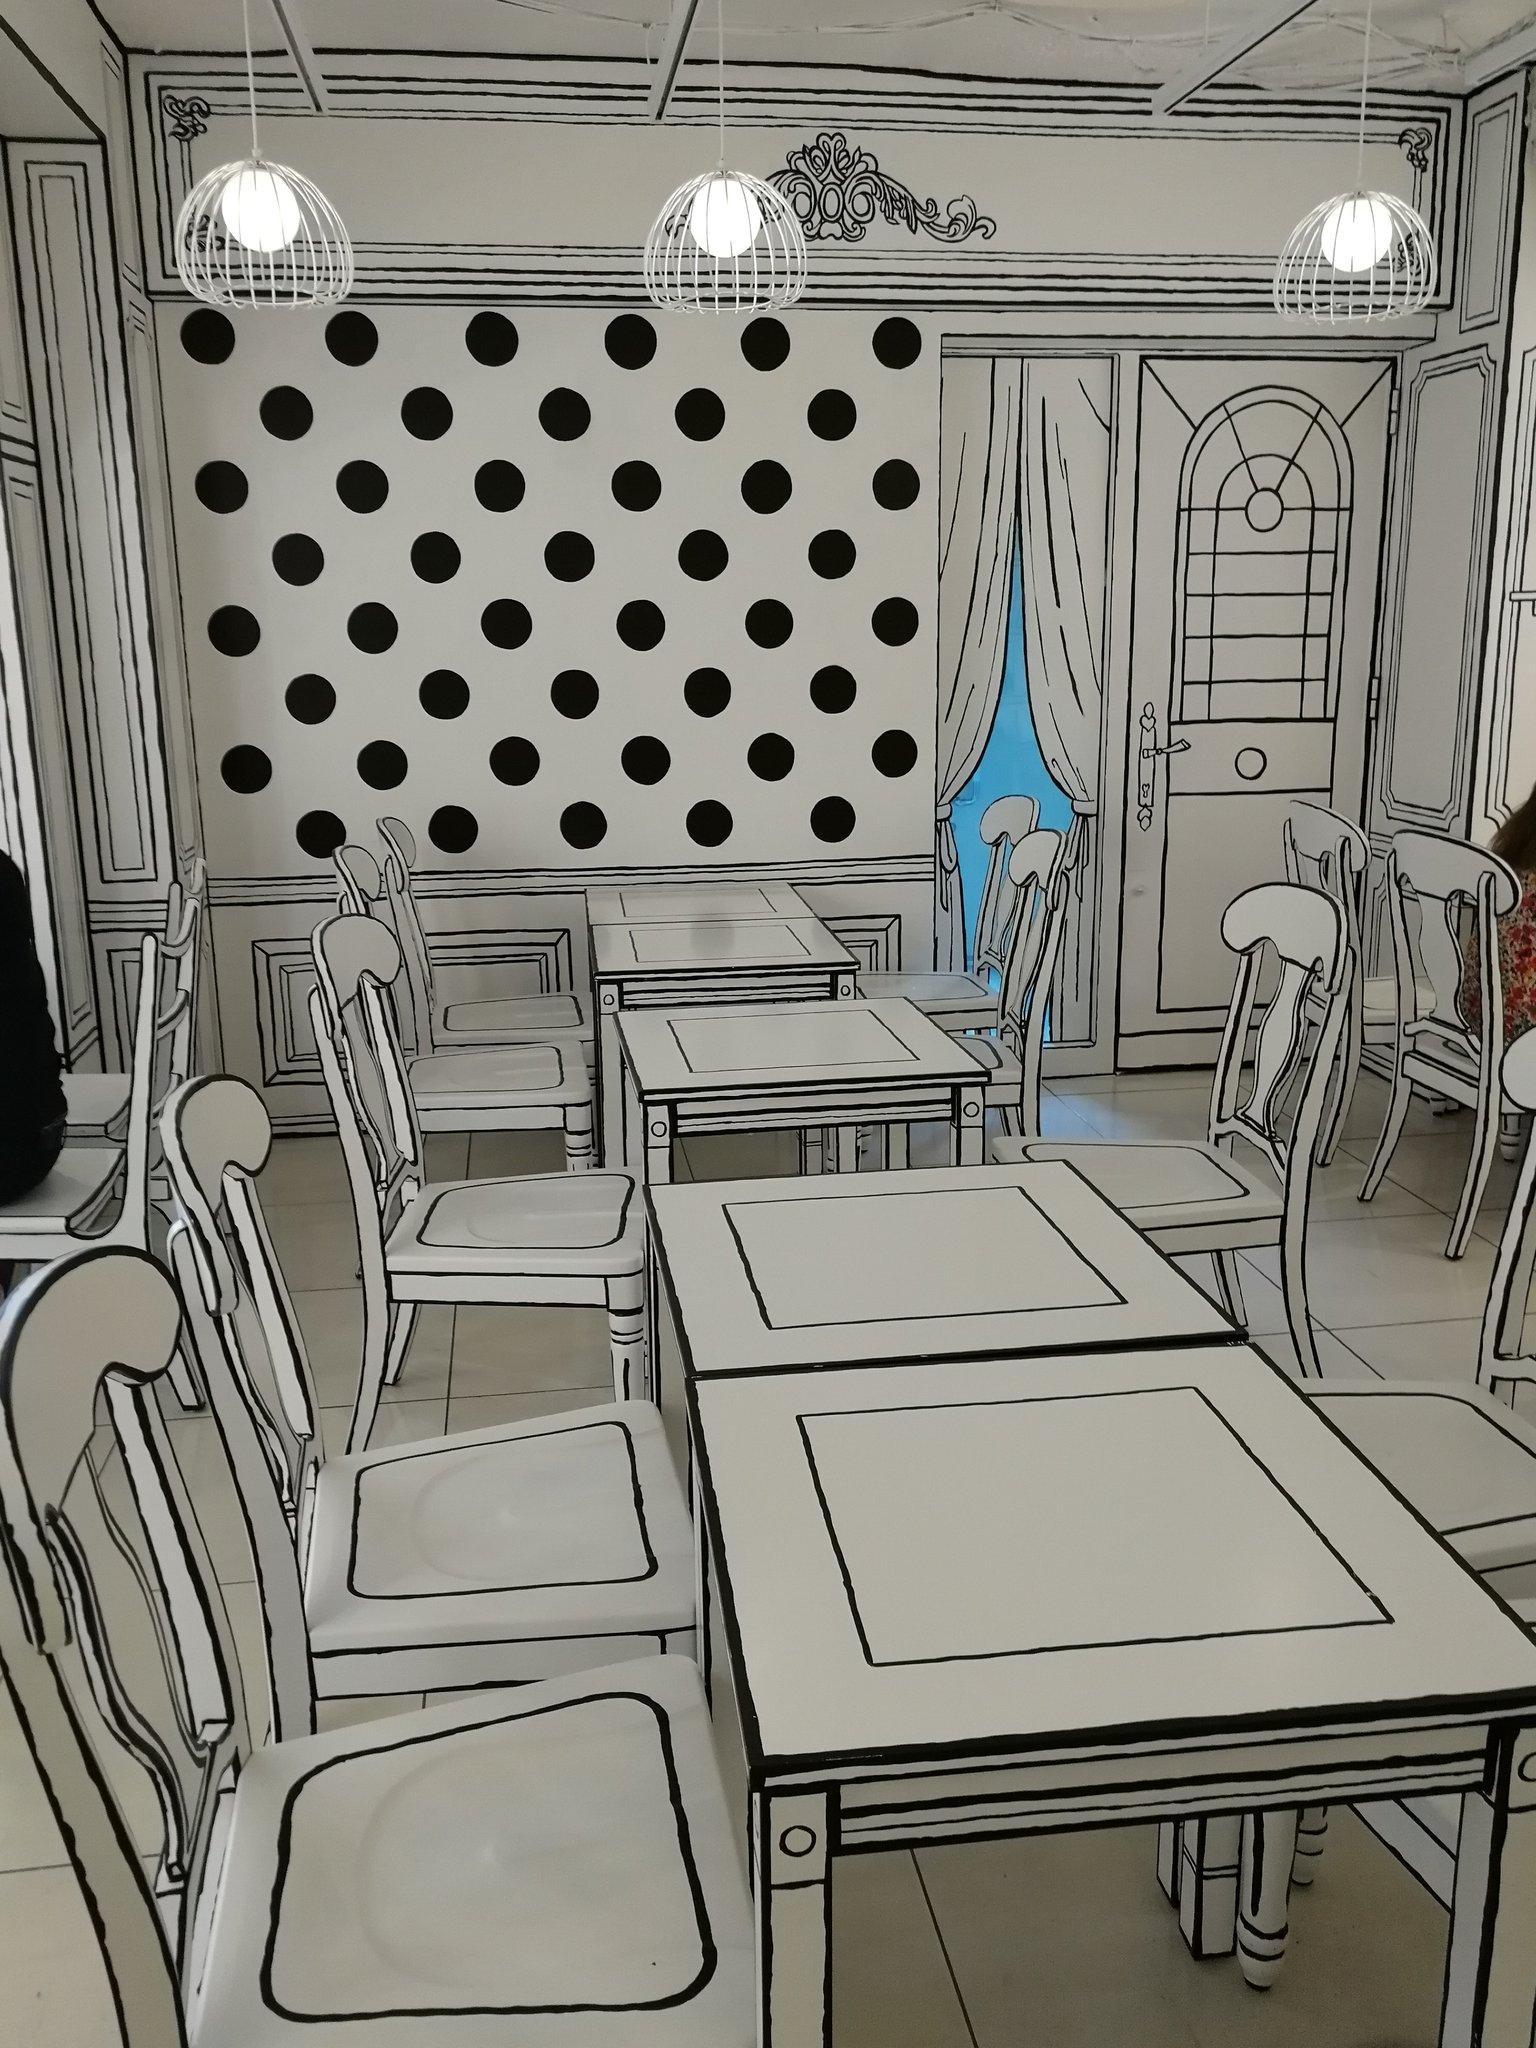 漫画の中に飛び込んだよう!?新大久保に「2Dカフェ」がオープン!